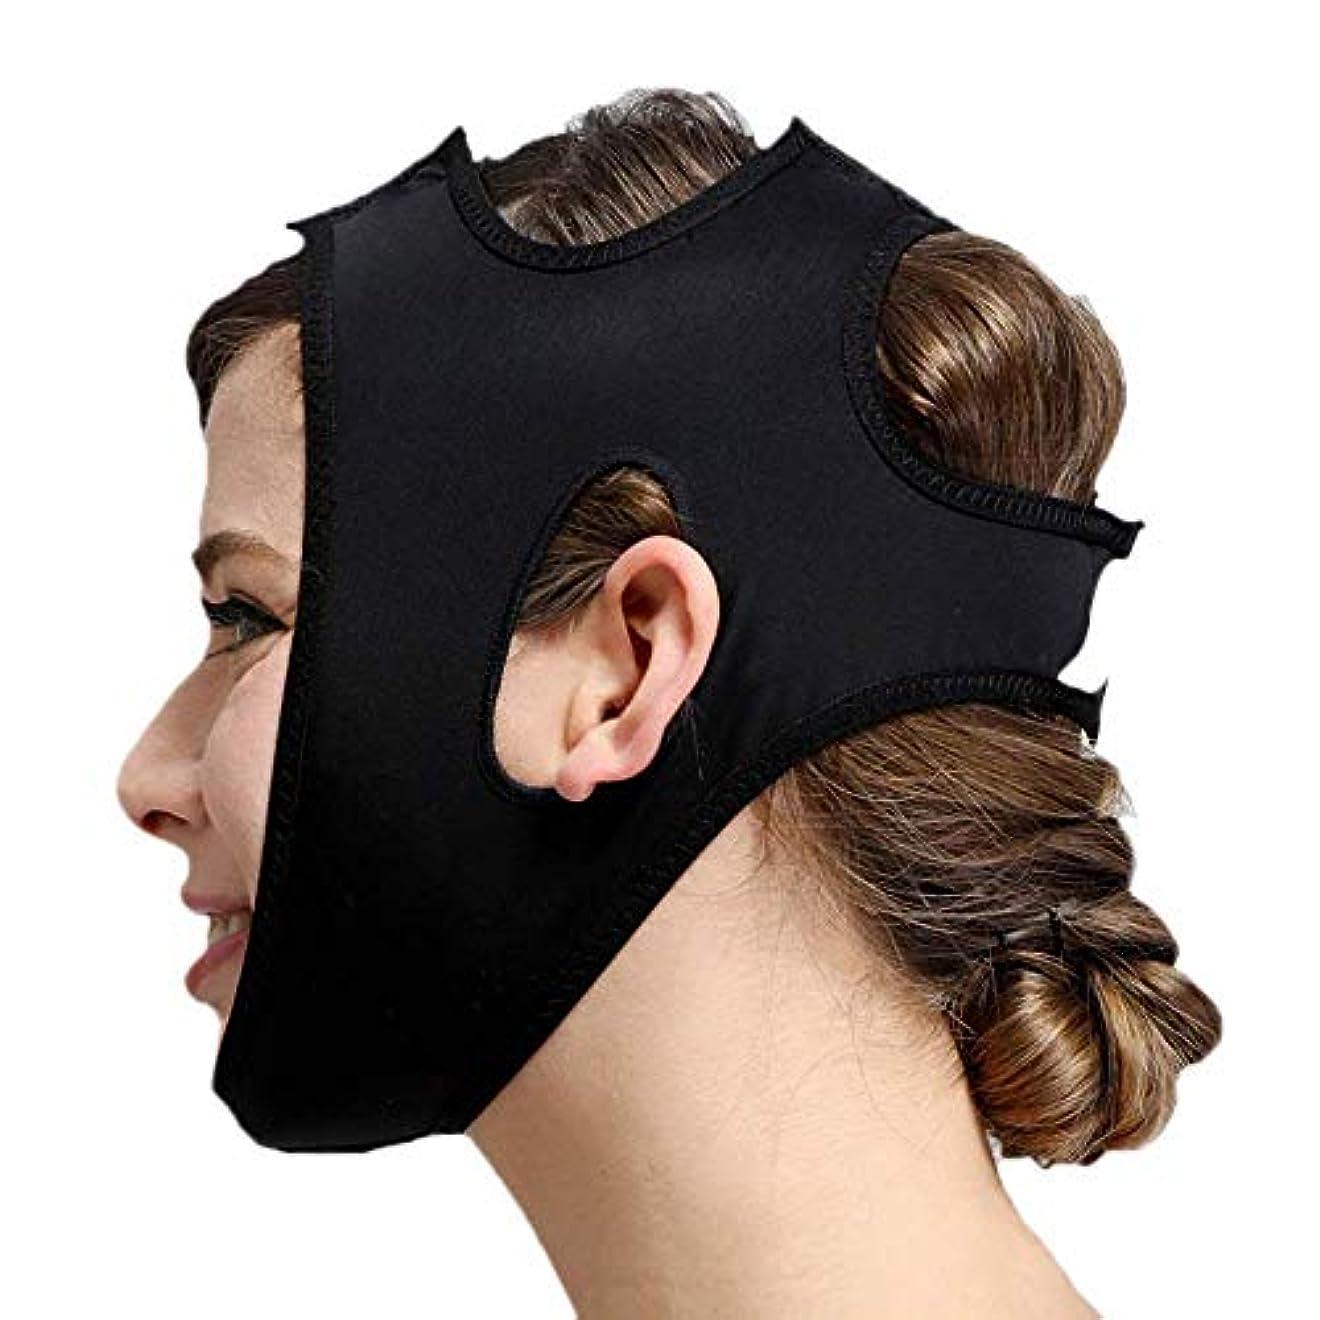 約設定差別的早熟フェイススリミングマスク、快適さと通気性、フェイシャルリフティング、輪郭の改善された硬さ、ファーミングとリフティングフェイス(カラー:ブラック、サイズ:XL),黒、S